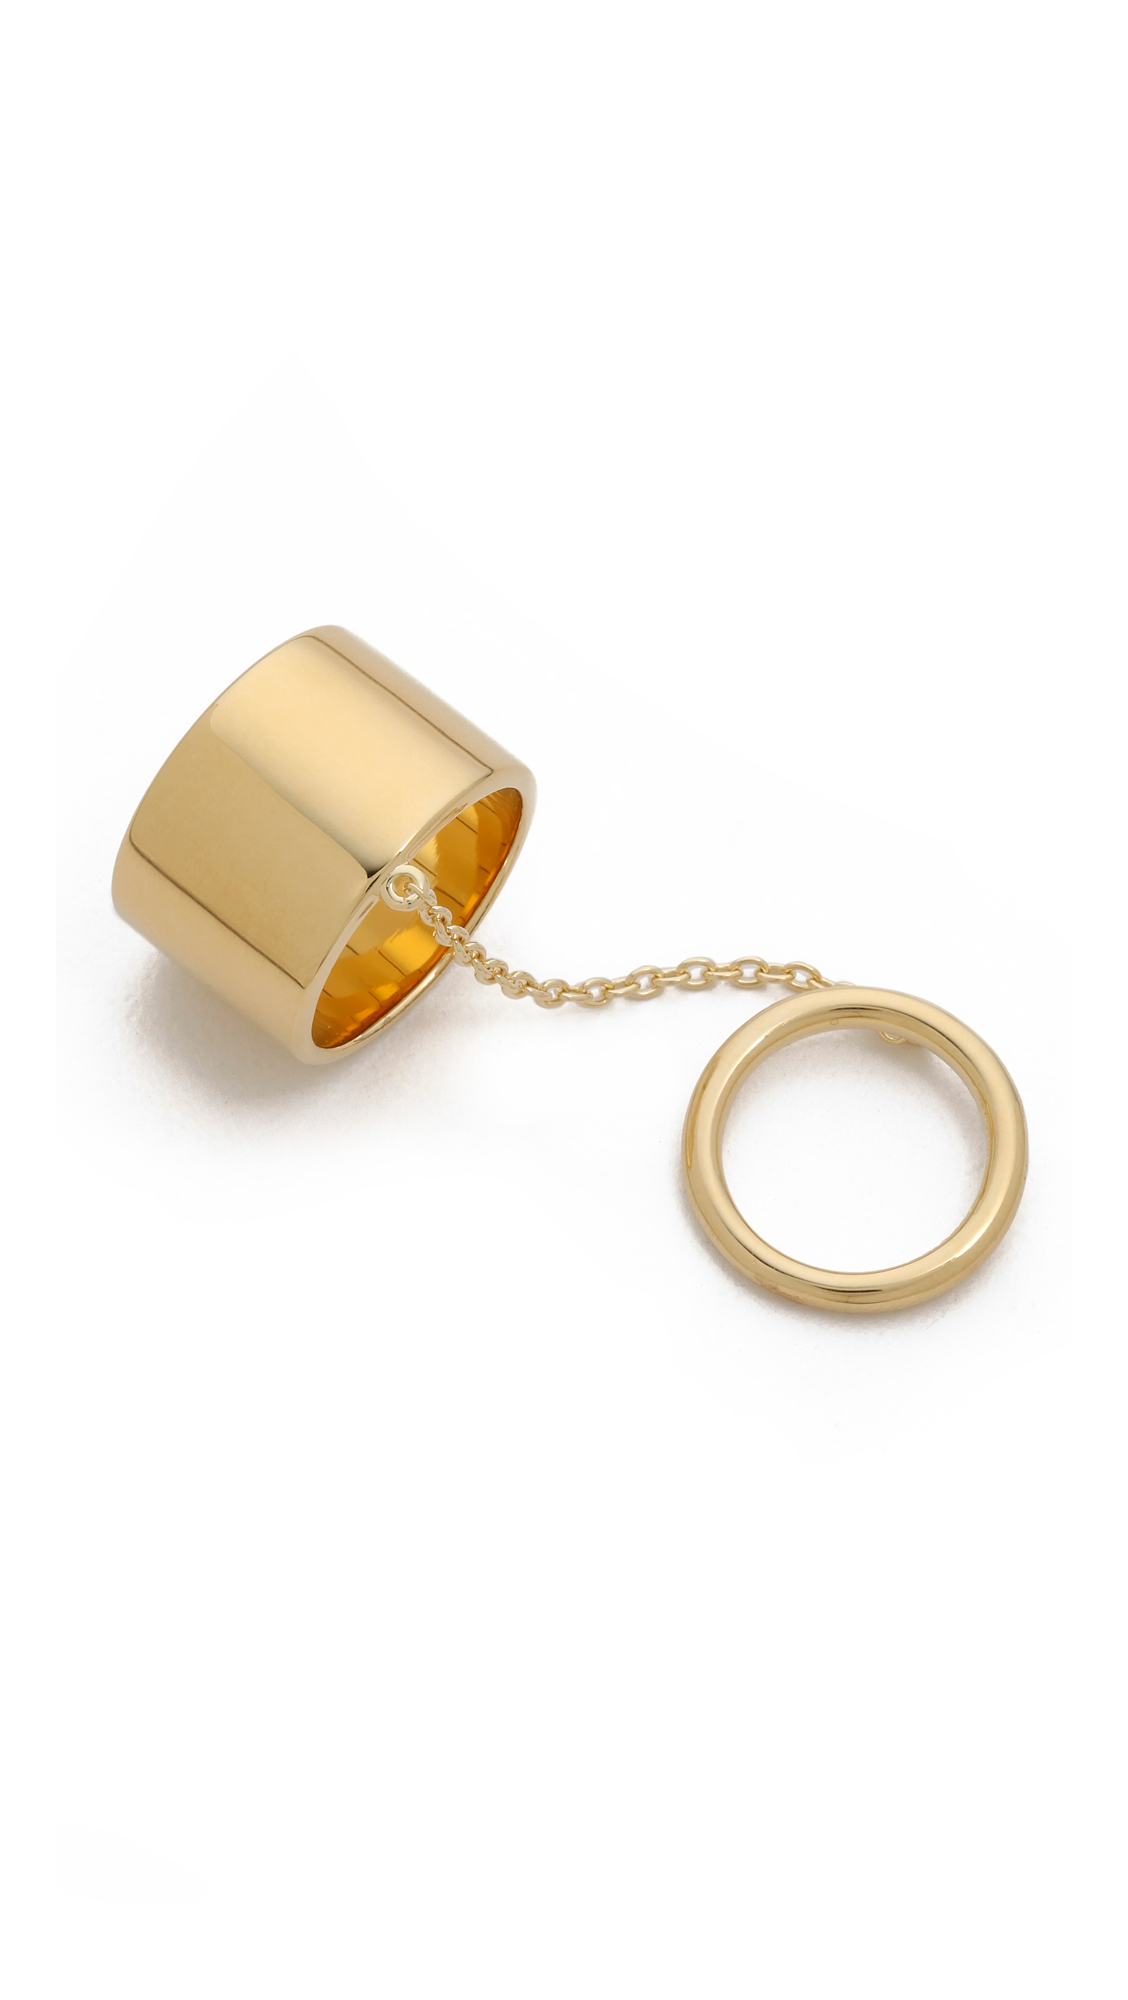 Elizabeth Gauge Rings